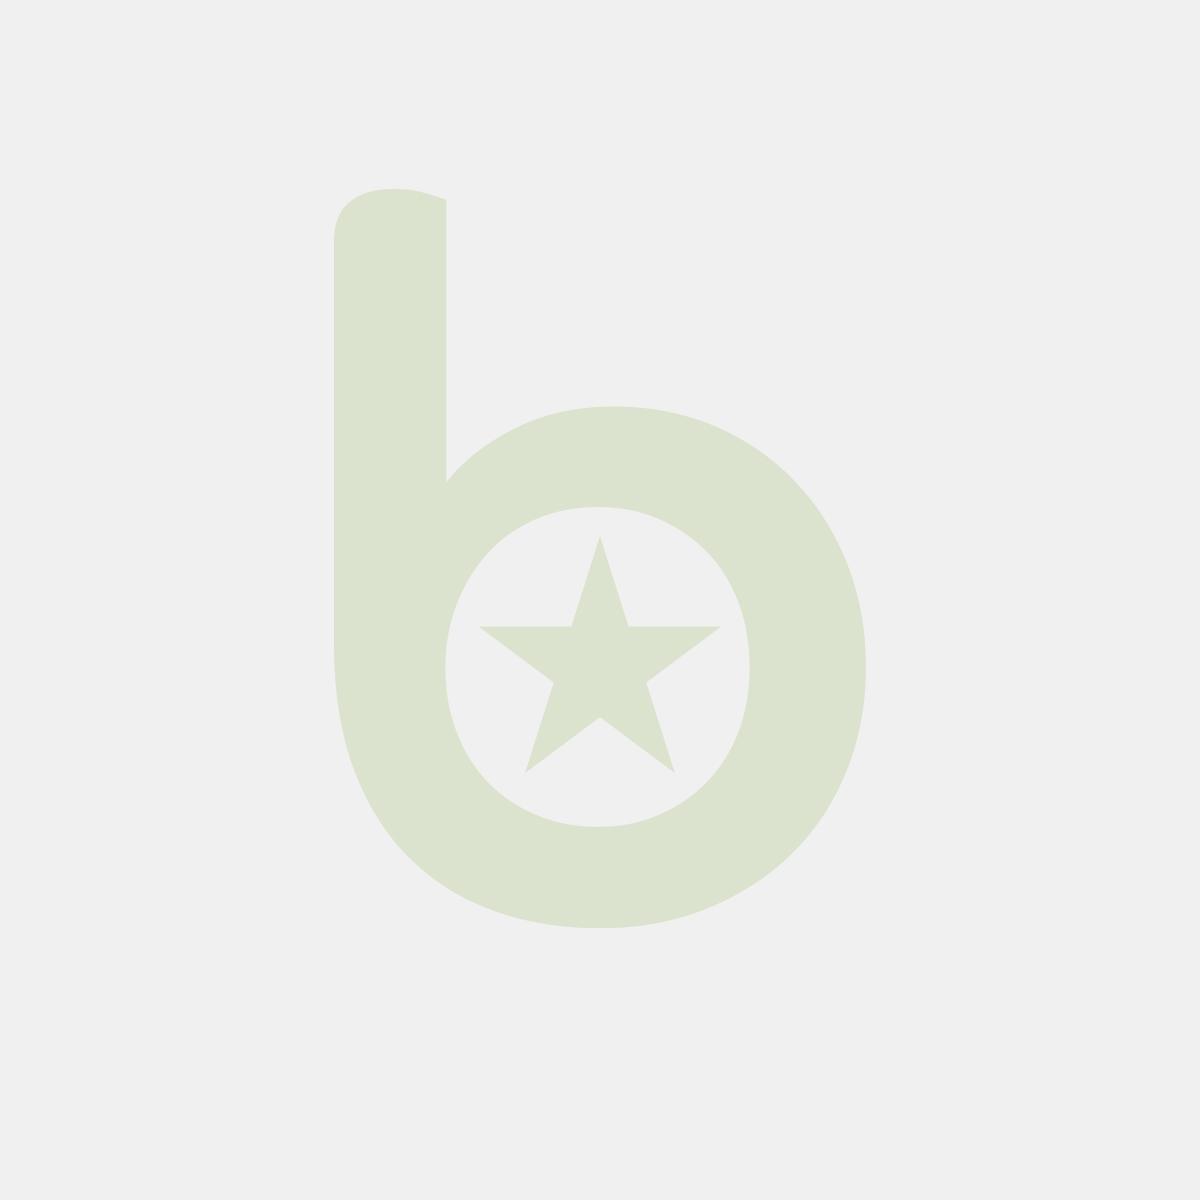 Miseczka FINGERFOOD 'Tulipan' biała, śr/wys: 6,4/4,5 cm PS, 25 szt. w opakowaniu